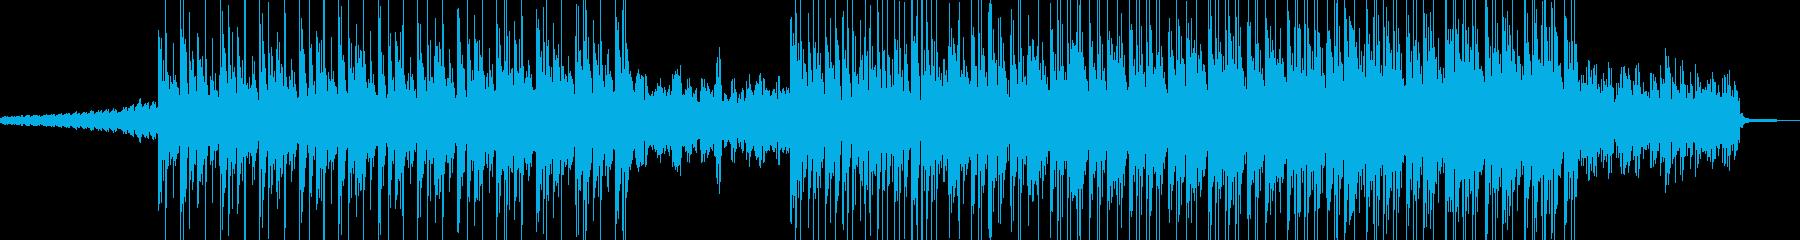 電脳・空想科学的なエレクトロ エレキ無Aの再生済みの波形